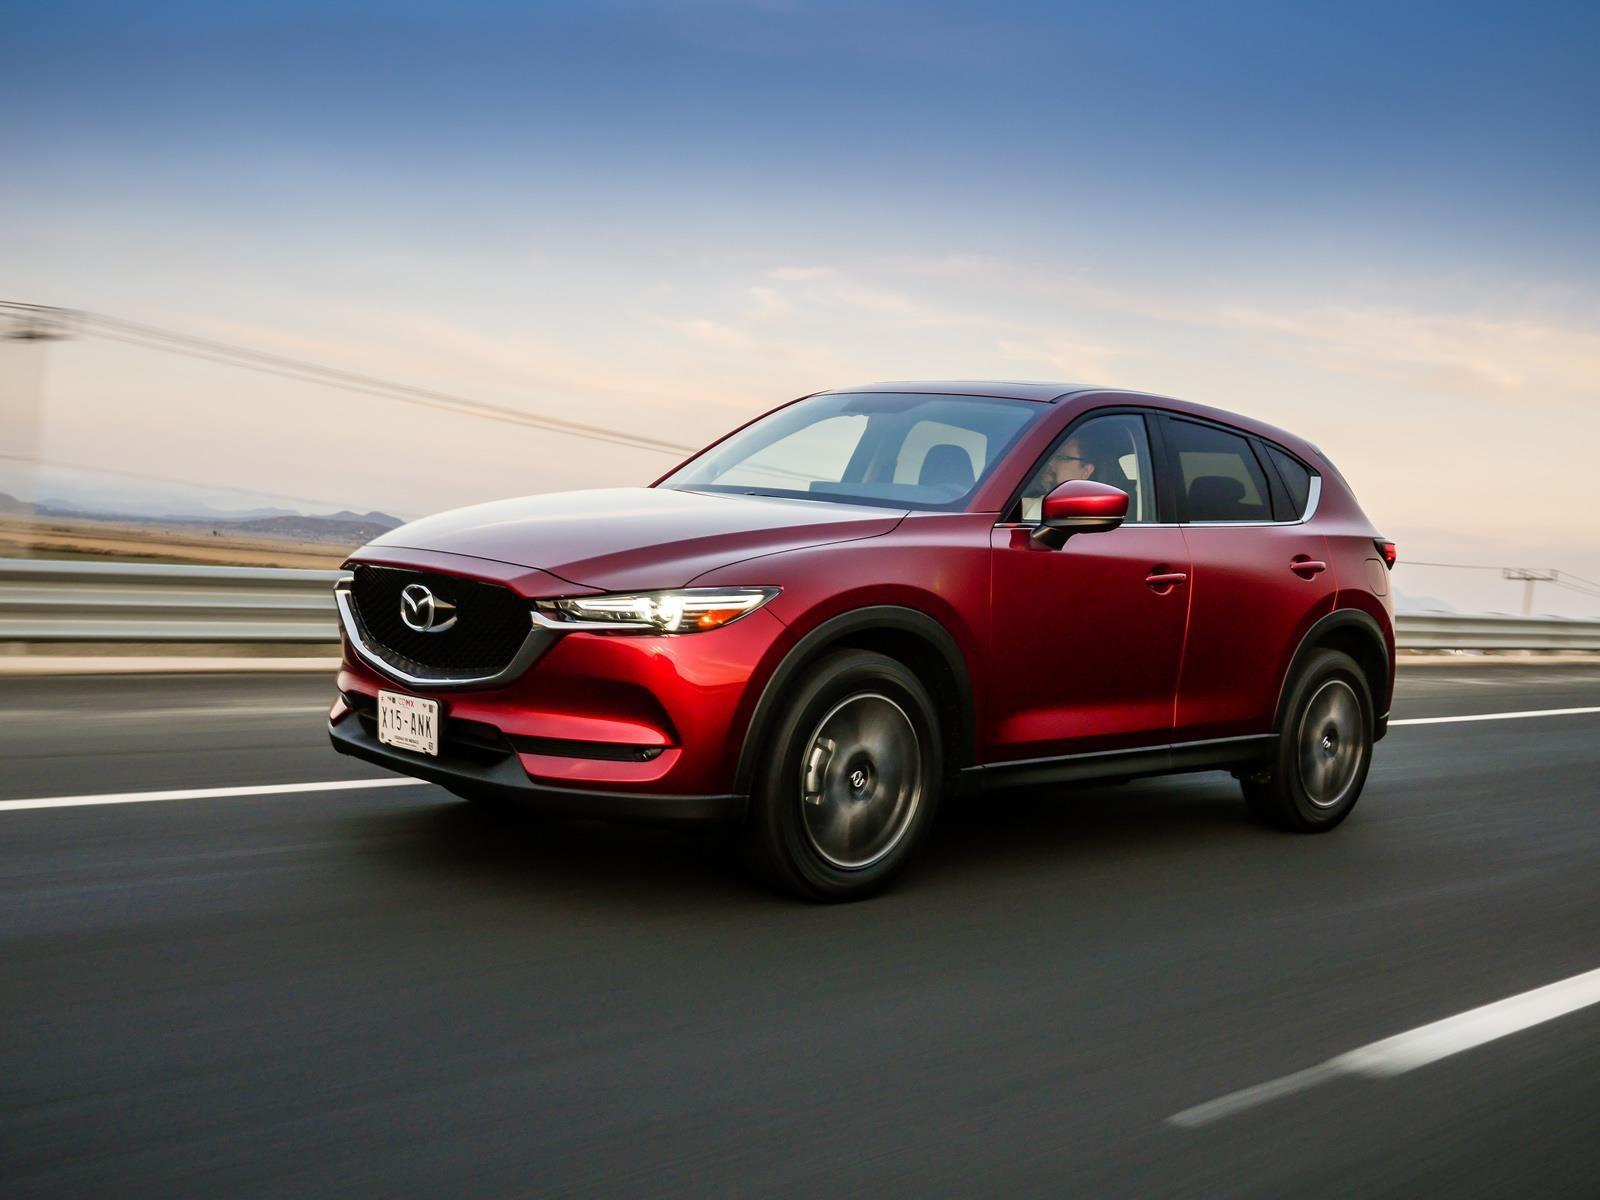 Mazda Cx 5 2018 Nueva Generaci 243 N 191 S 237 O No Autocosmos Com